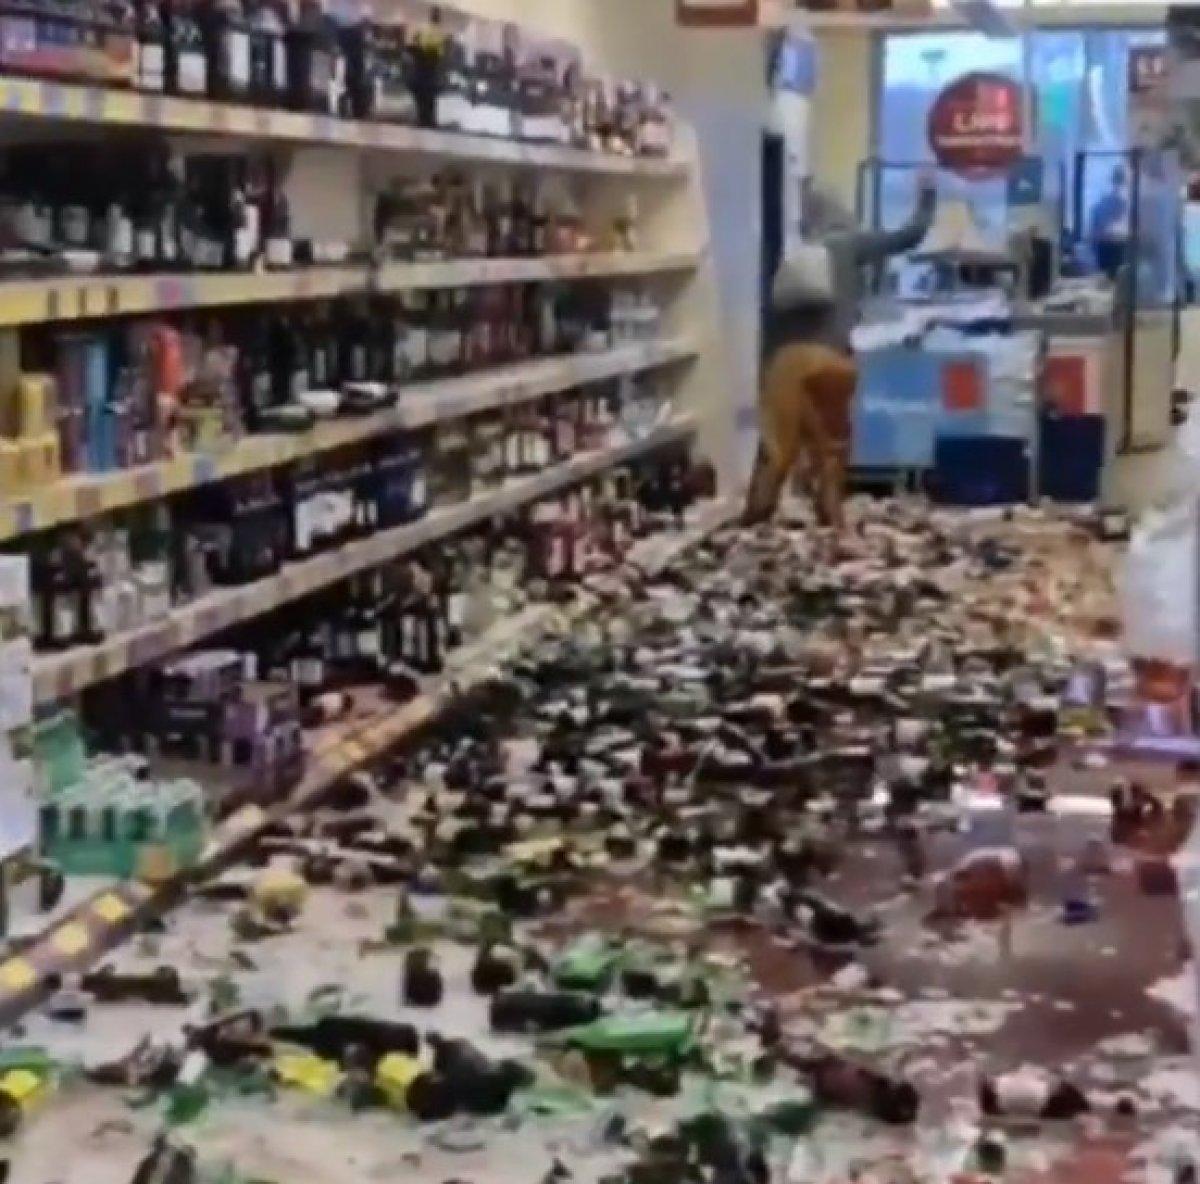 İngiltere de kadın marketteki alkol şişelerini kırdı #2